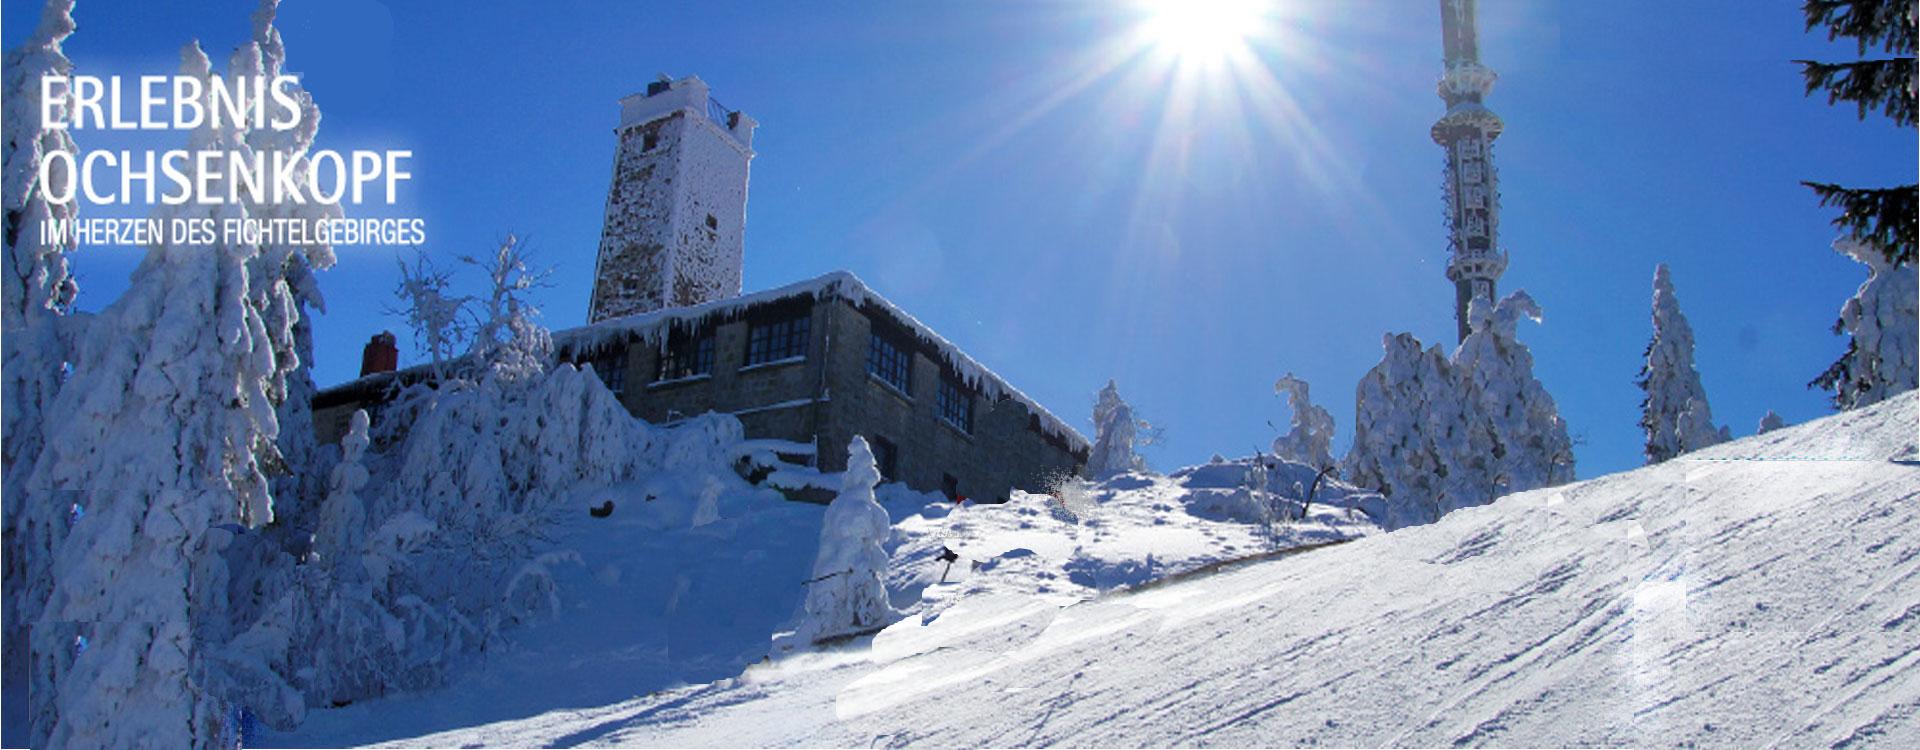 wintersport am Ochsenkopf im fichtelgebirge